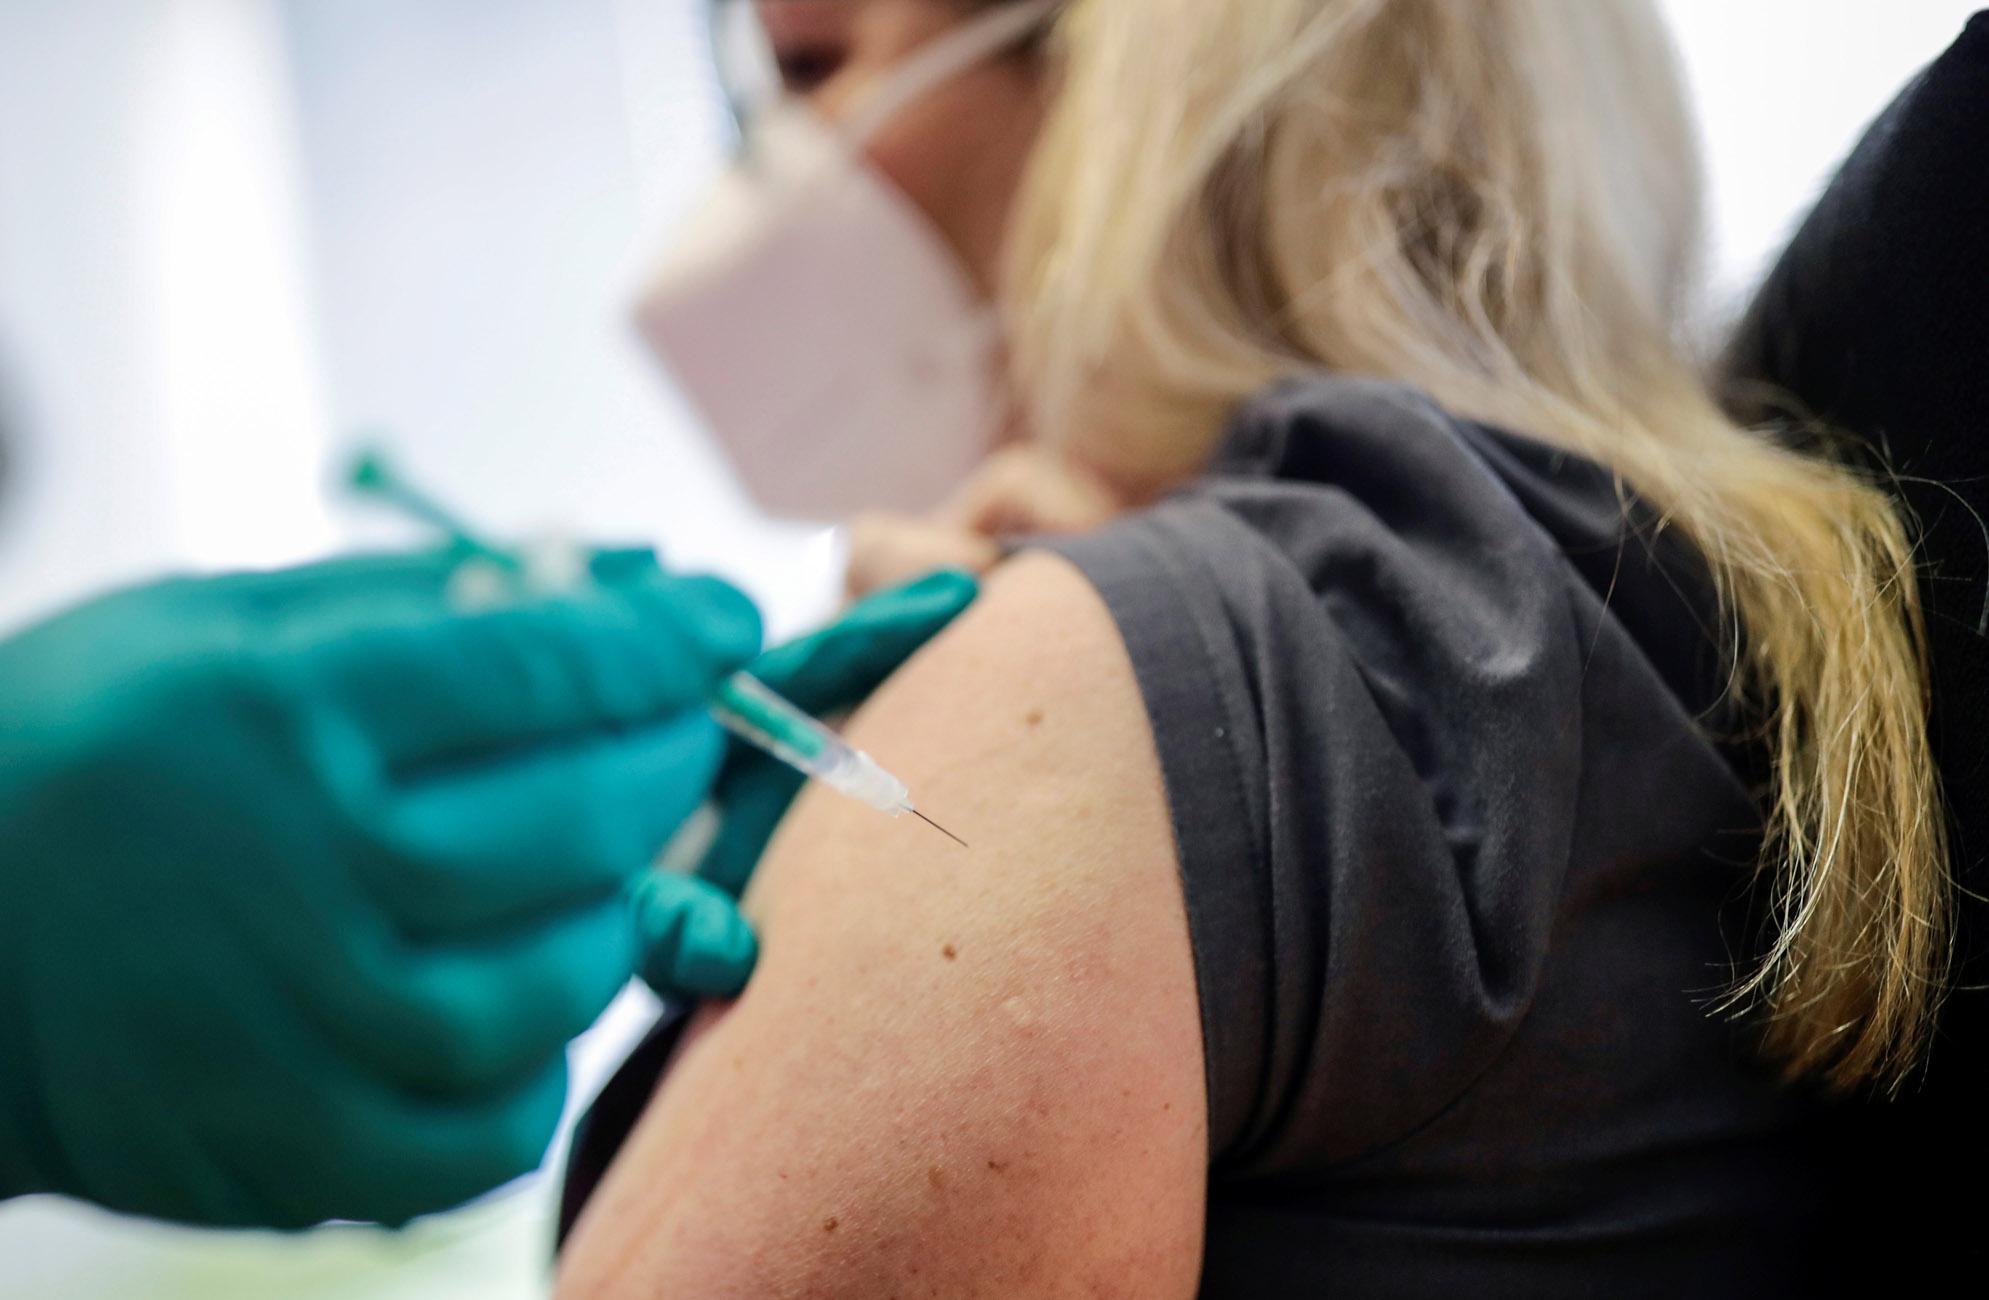 Γερμανία – κορονοϊός: Πάνω από το 20% του πληθυσμού έχει λάβει τουλάχιστον μια δόση εμβολίου